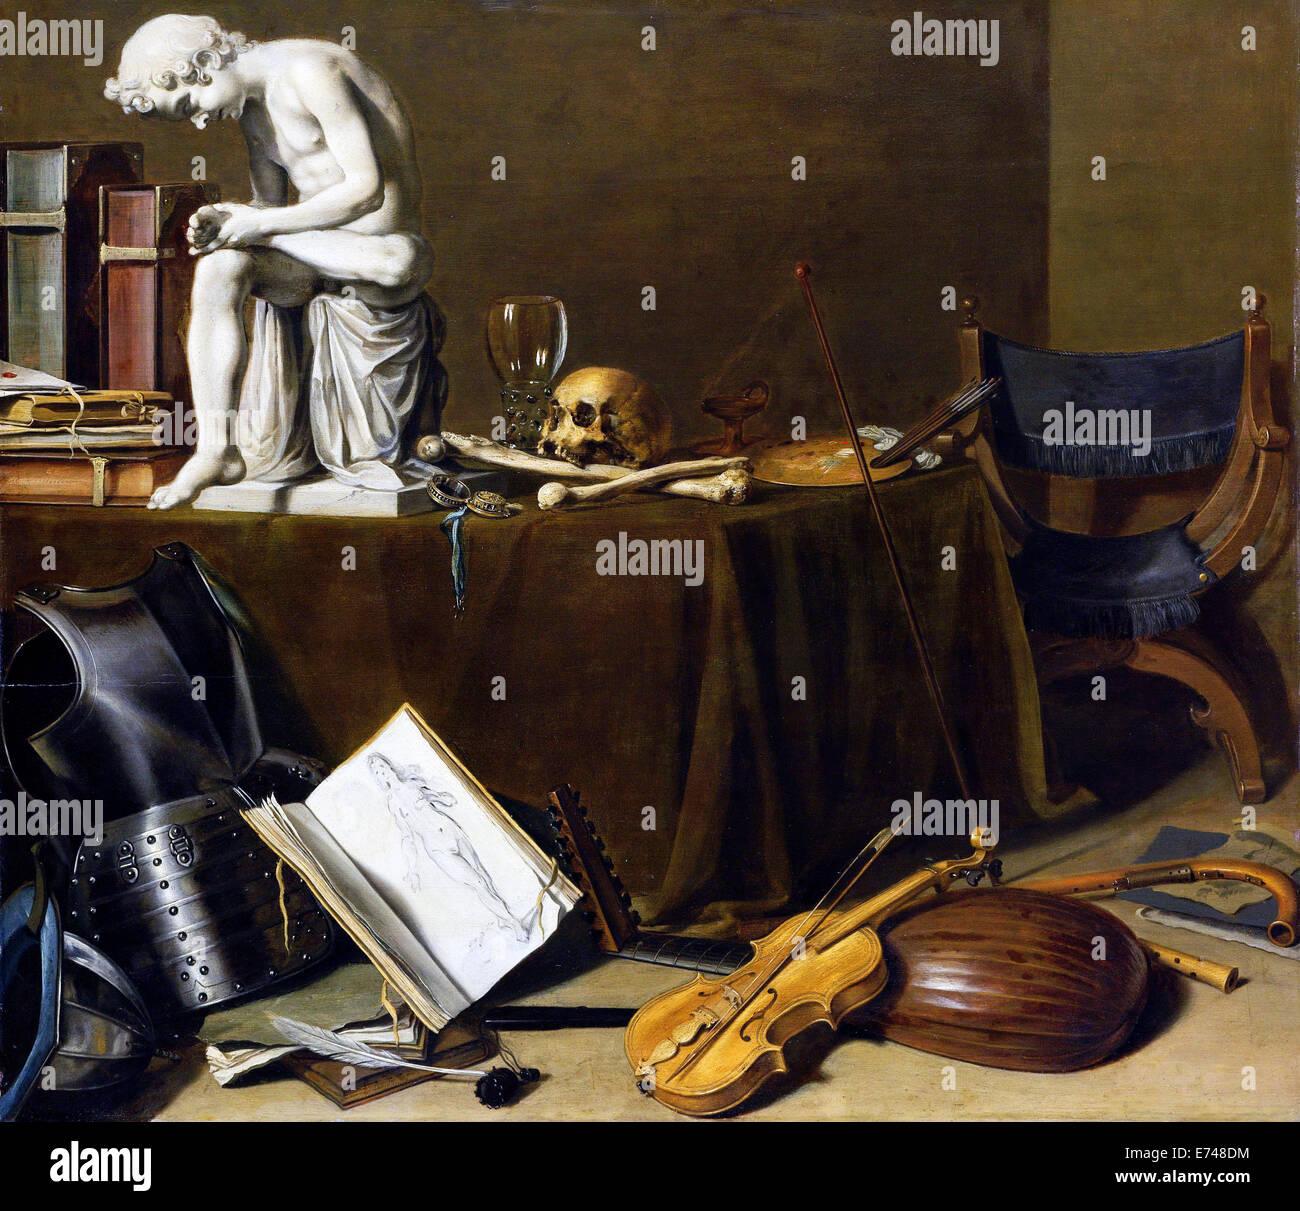 Stillleben mit Spinario - von Pieter Claesz, 1628 Stockbild